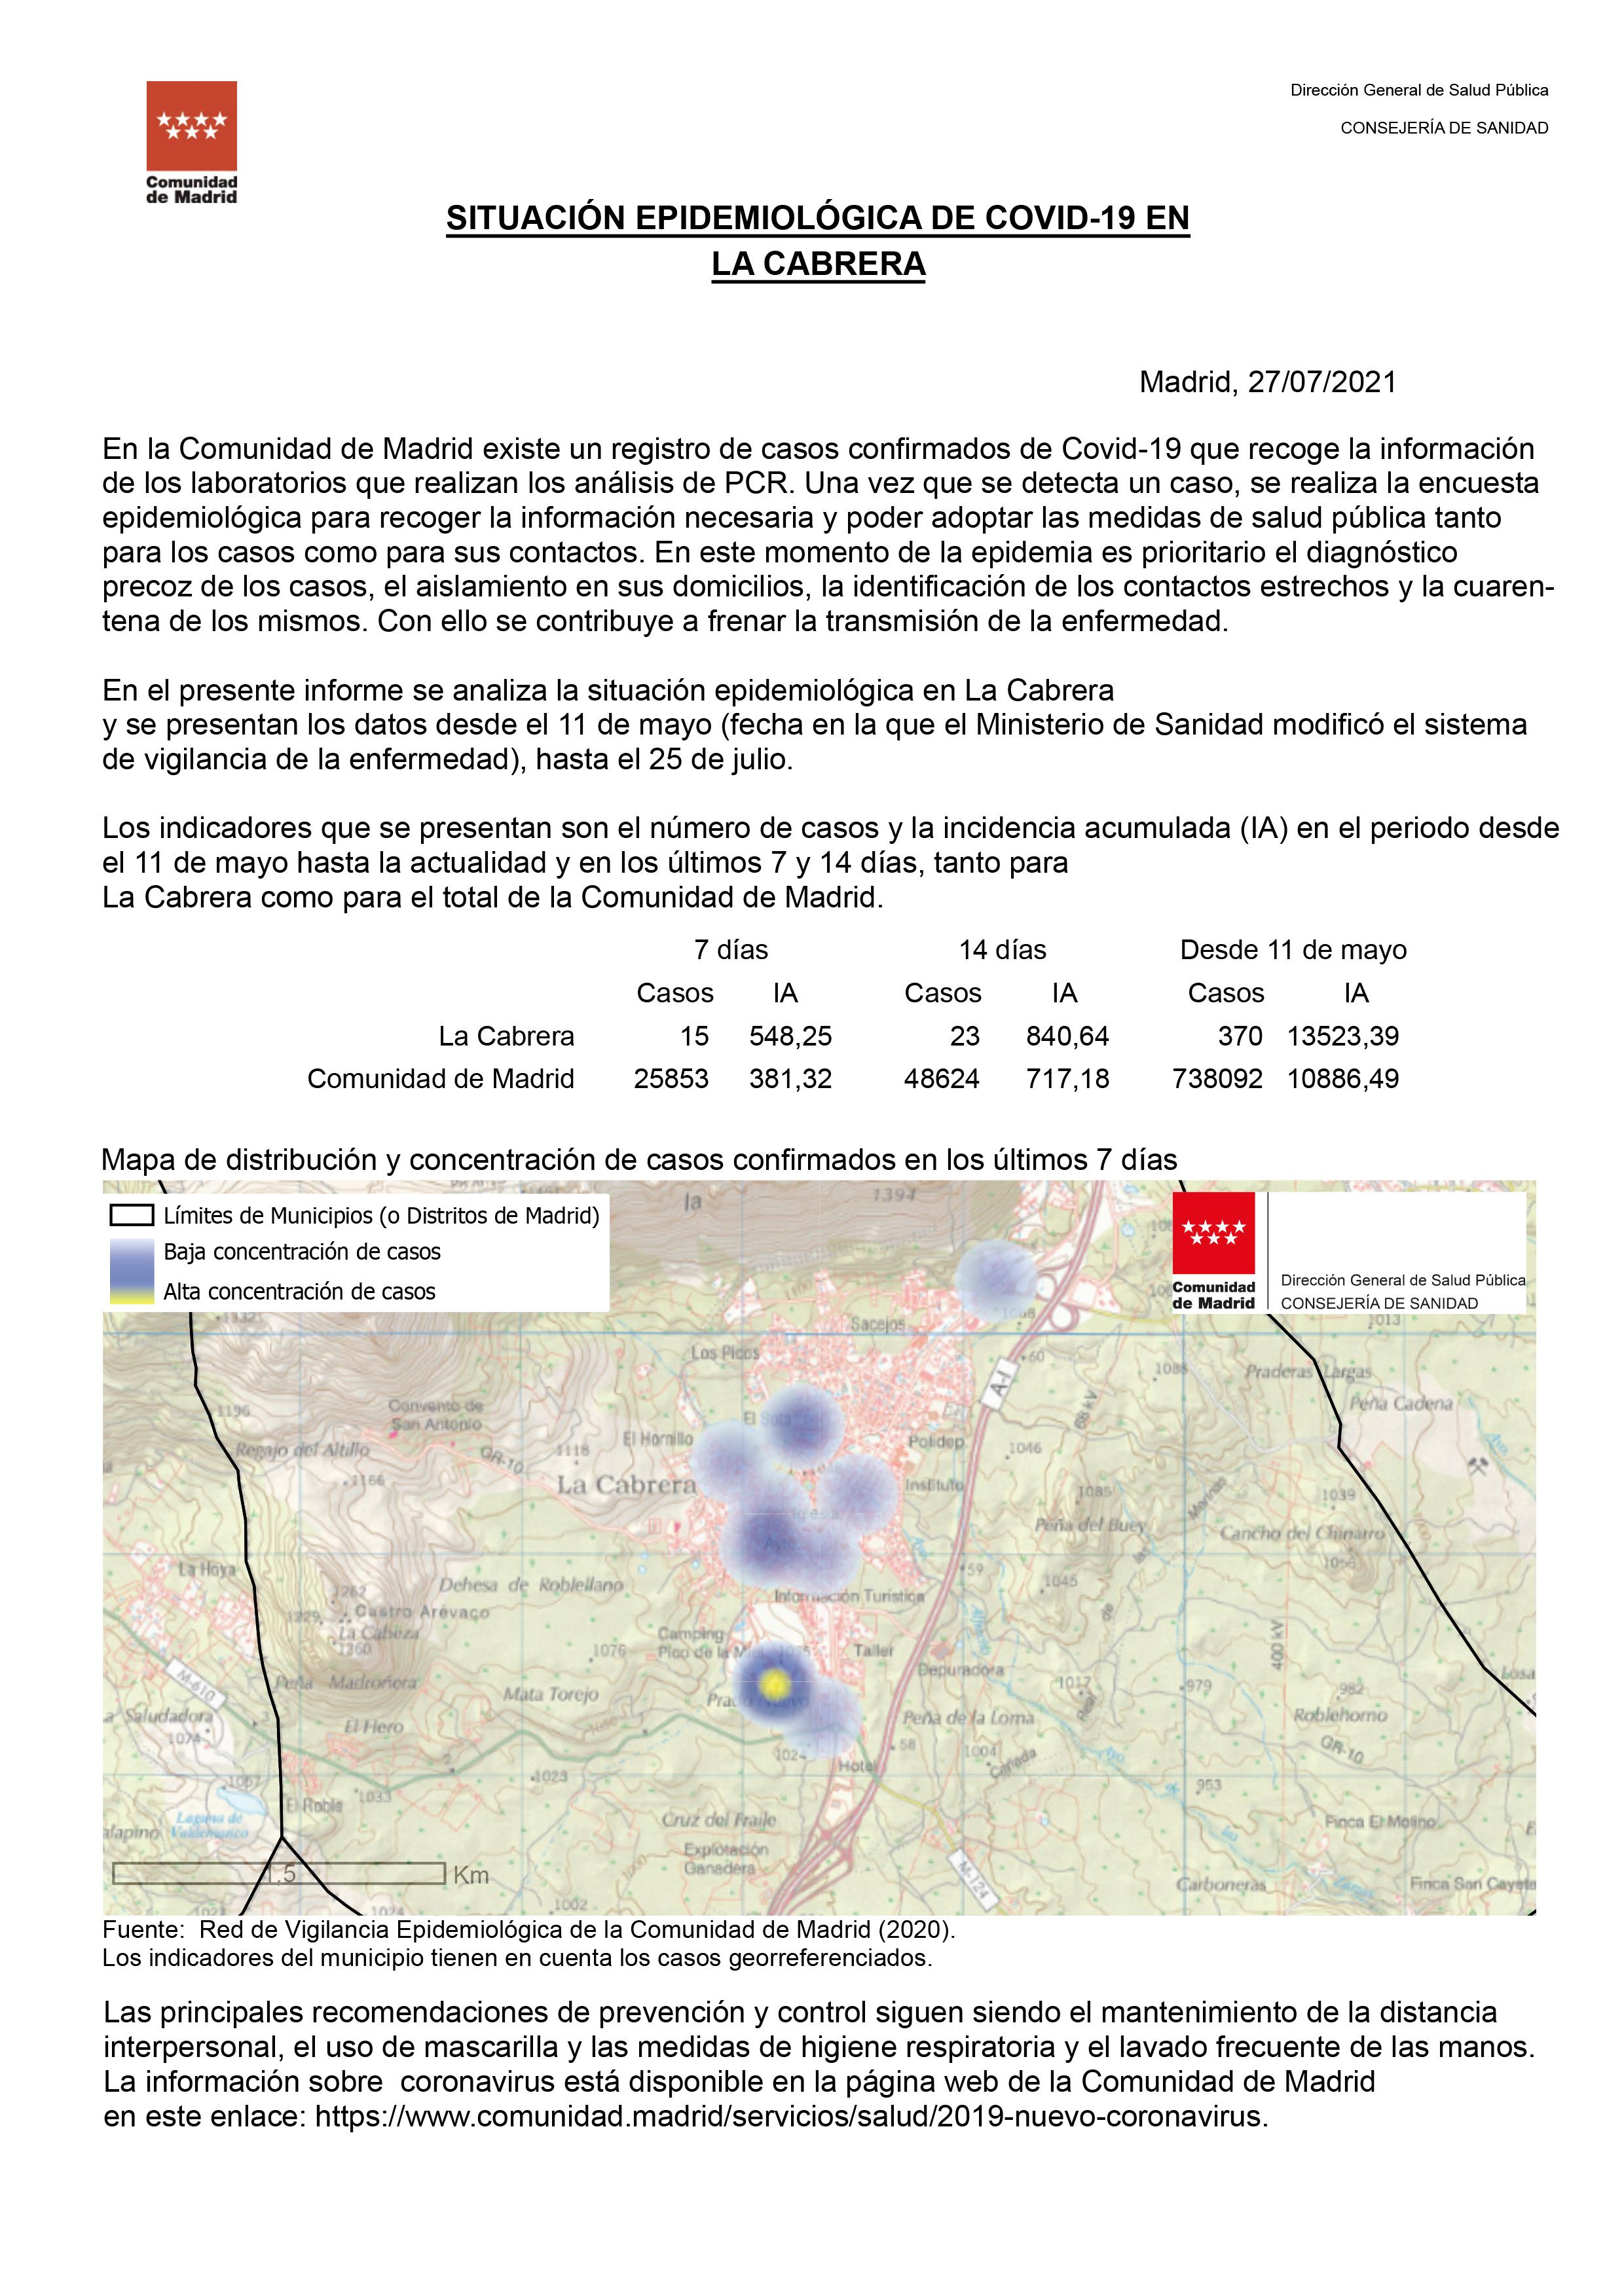 COVID19_ise_municipios__La Cabrera_27_07_21